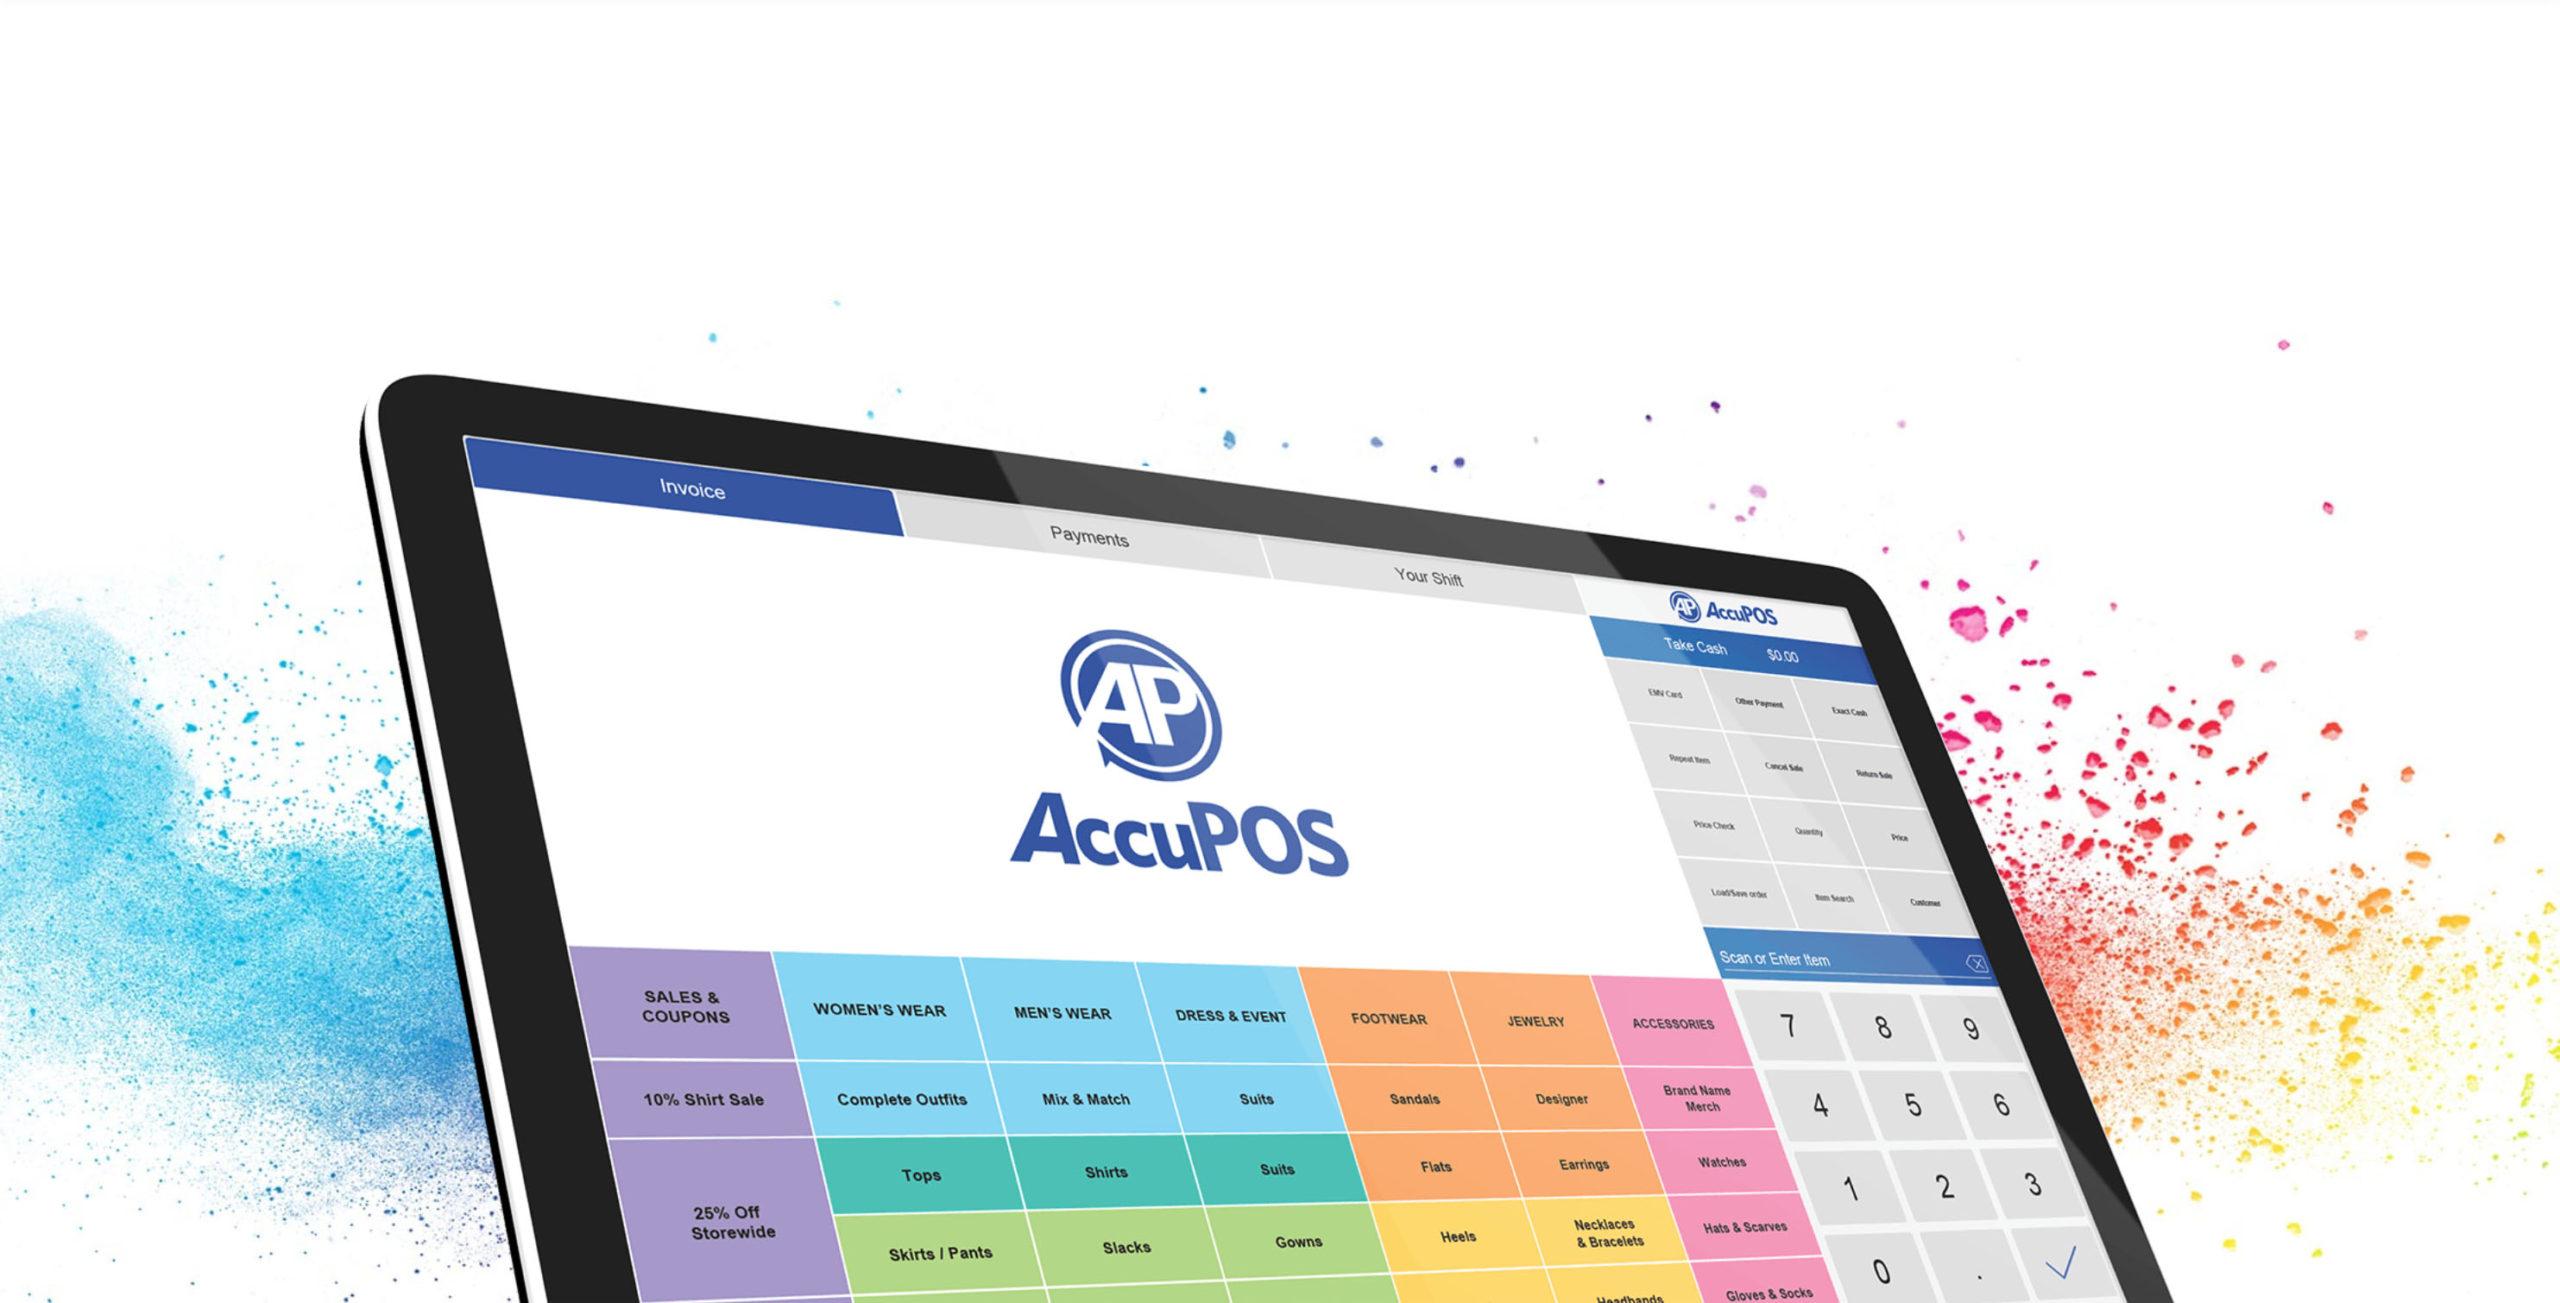 AccuPOS.com